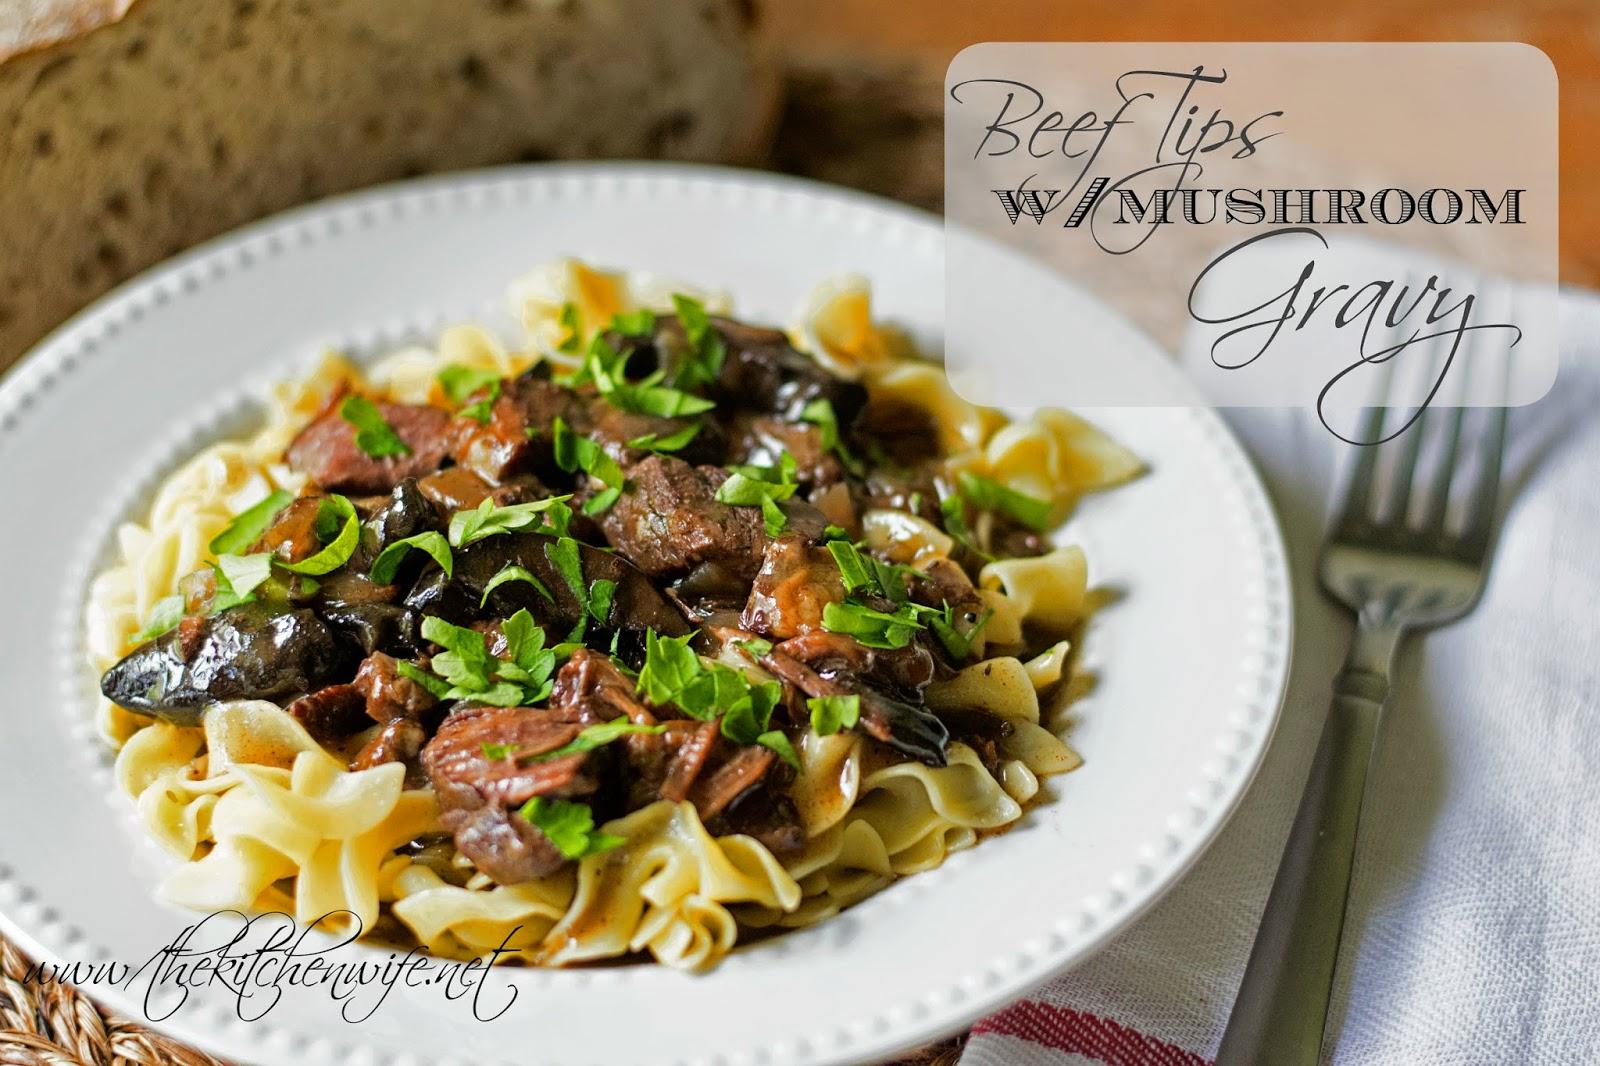 Slow Cooker Beef Tips w/ Mushroom Gravy